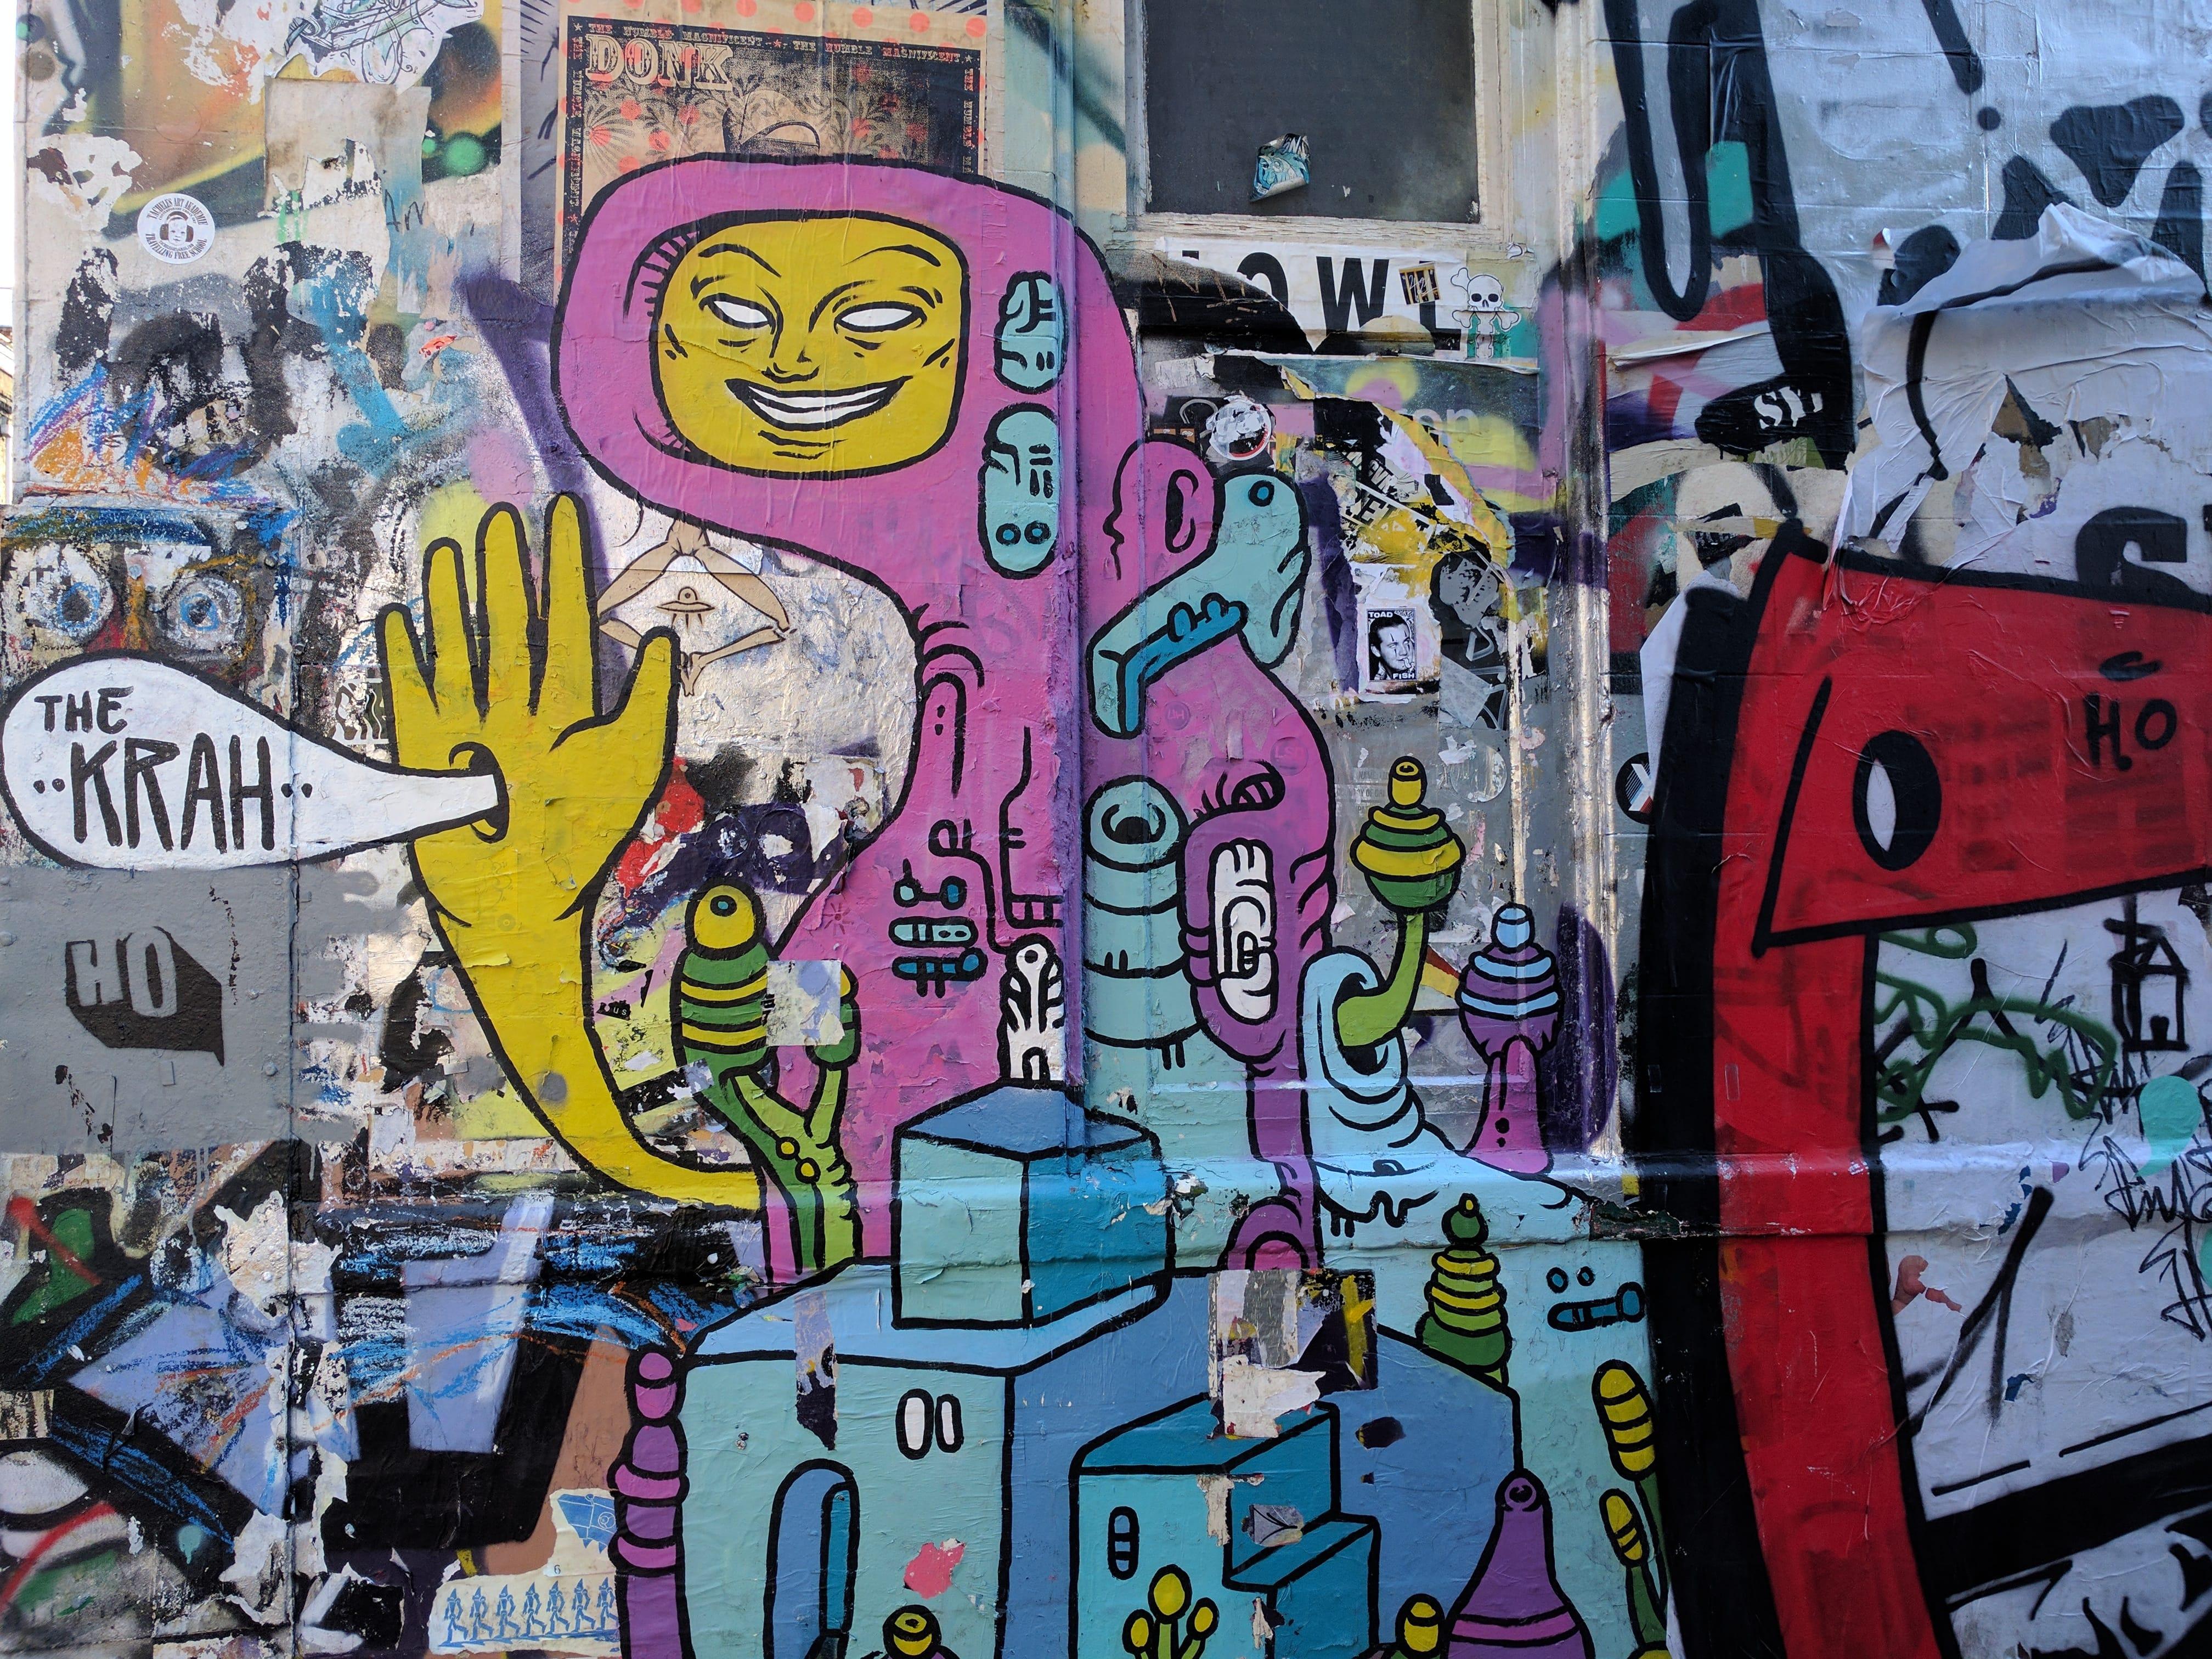 099-graffiti38